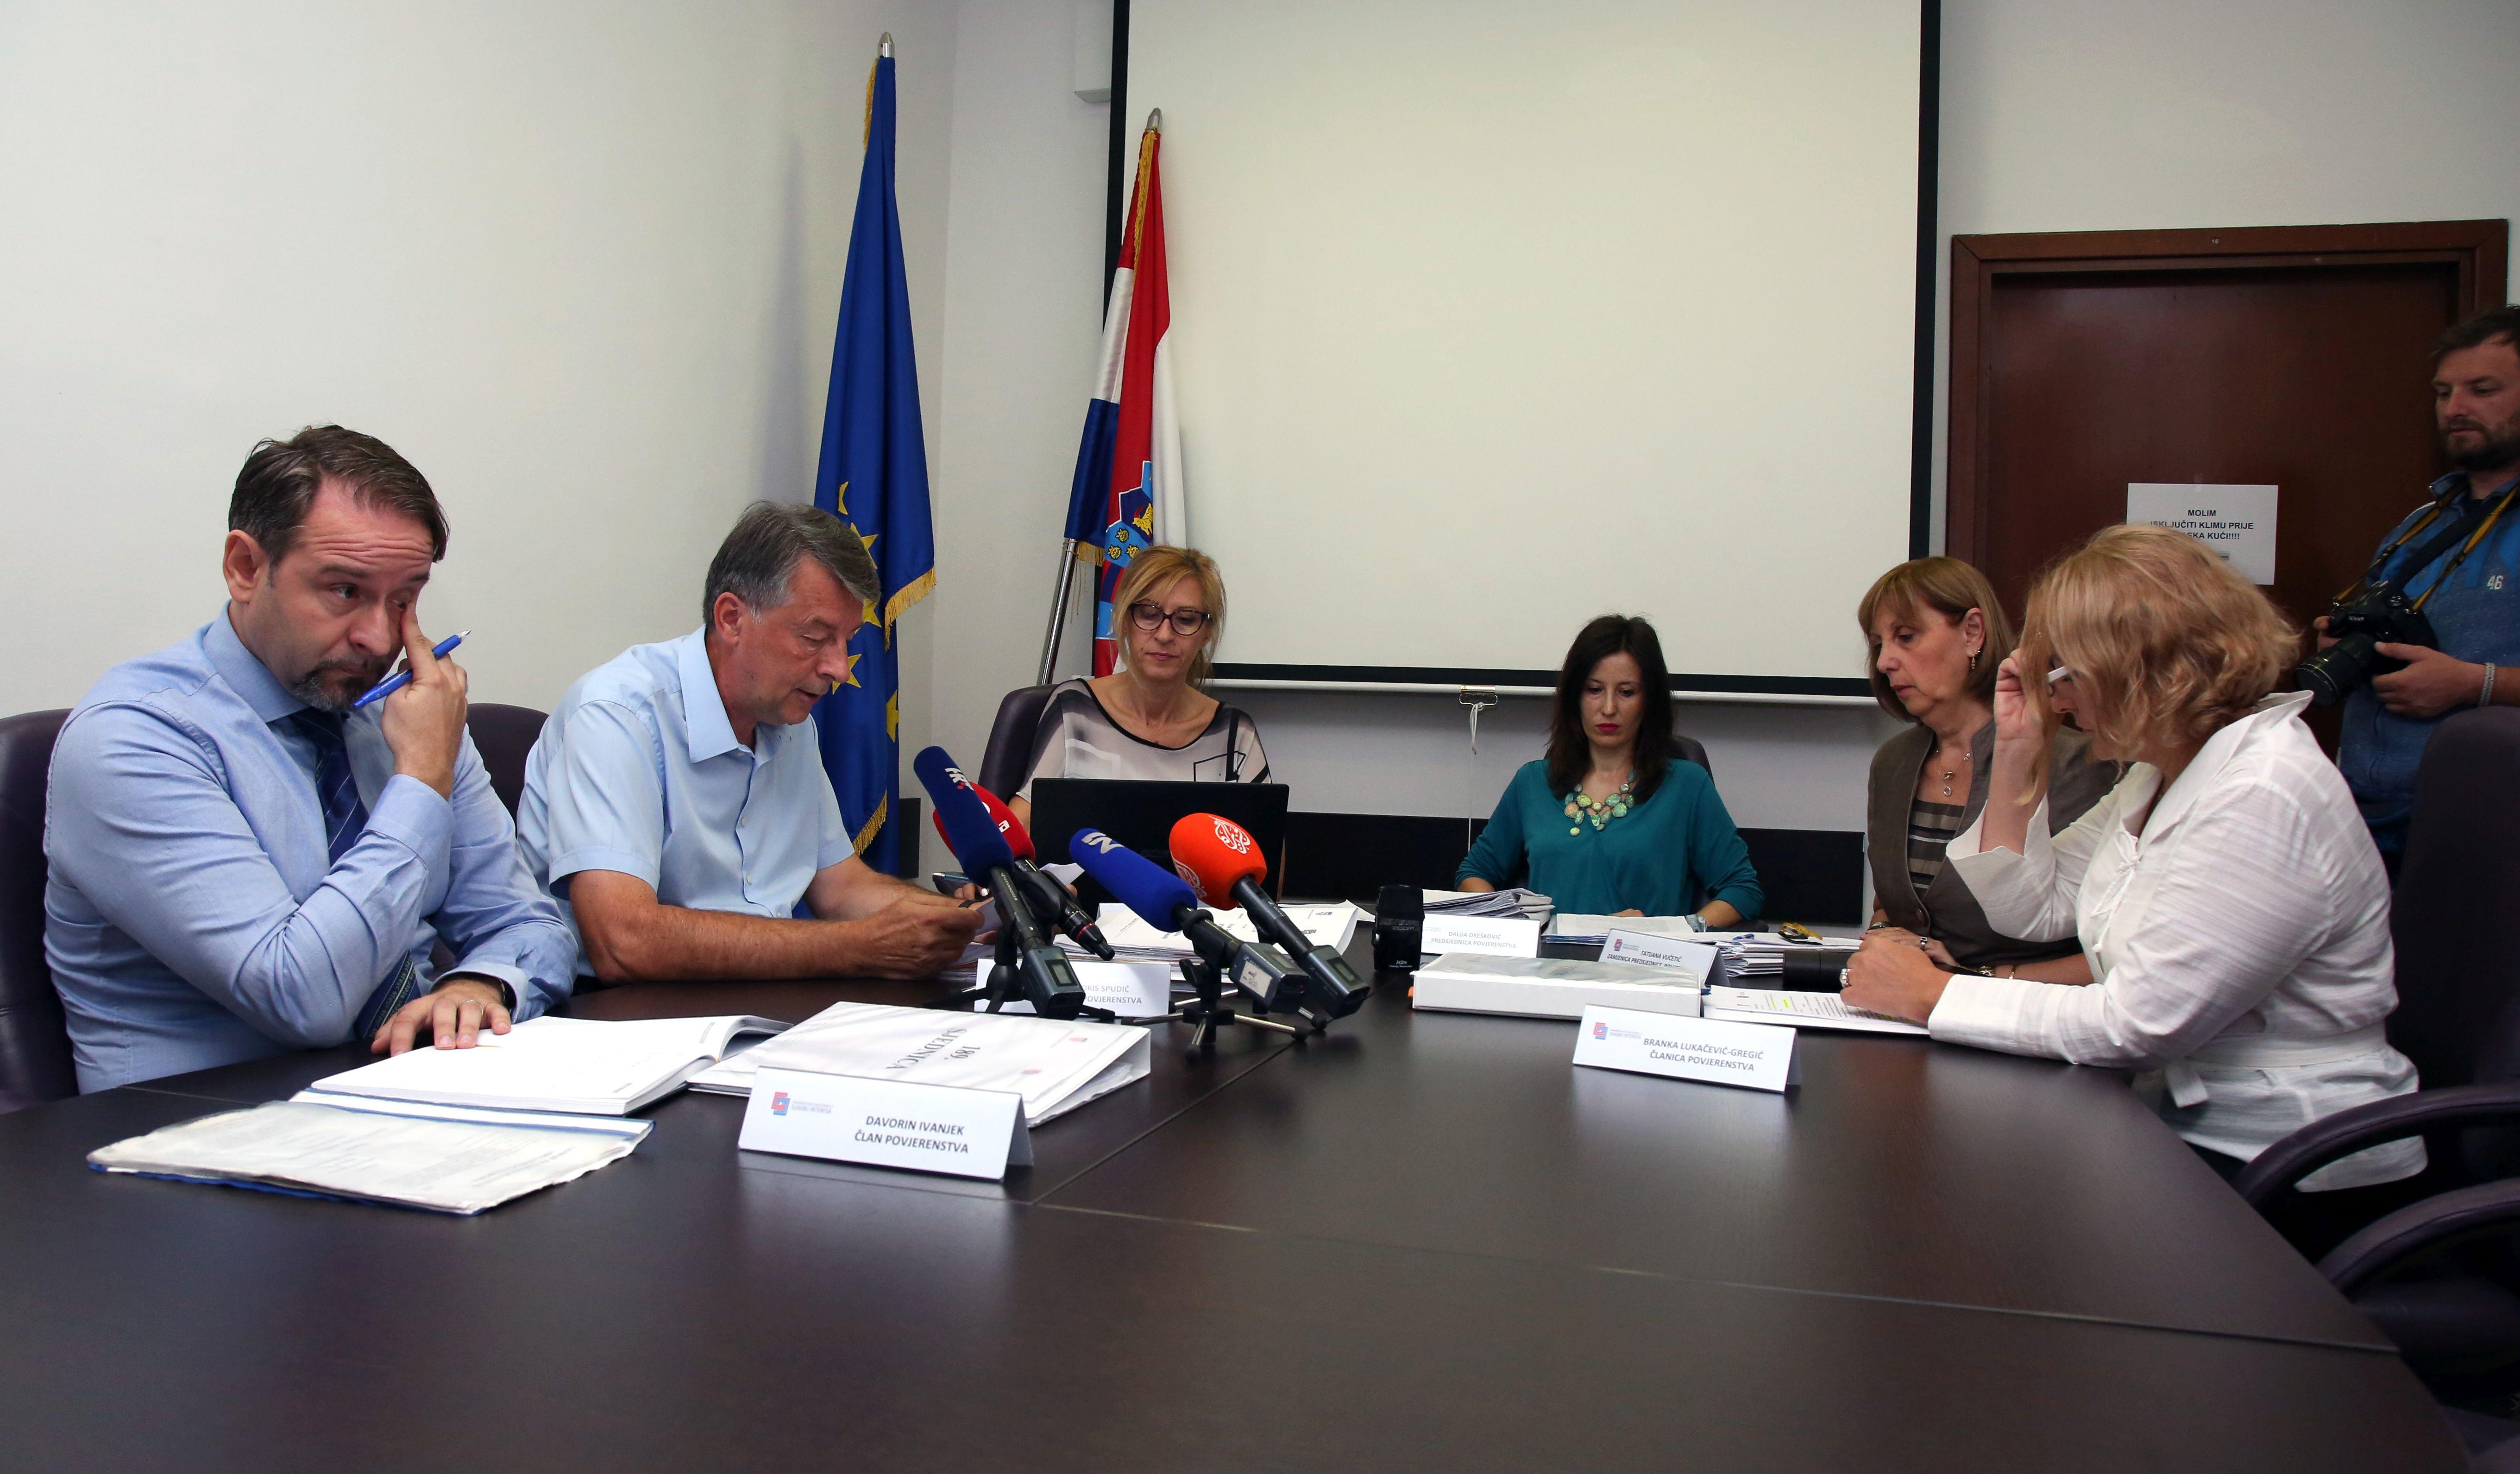 Povjerenstvo pokrenulo postupak protiv Martine Dalić; Omejec povrijedila zakon, ali nije kažnjena